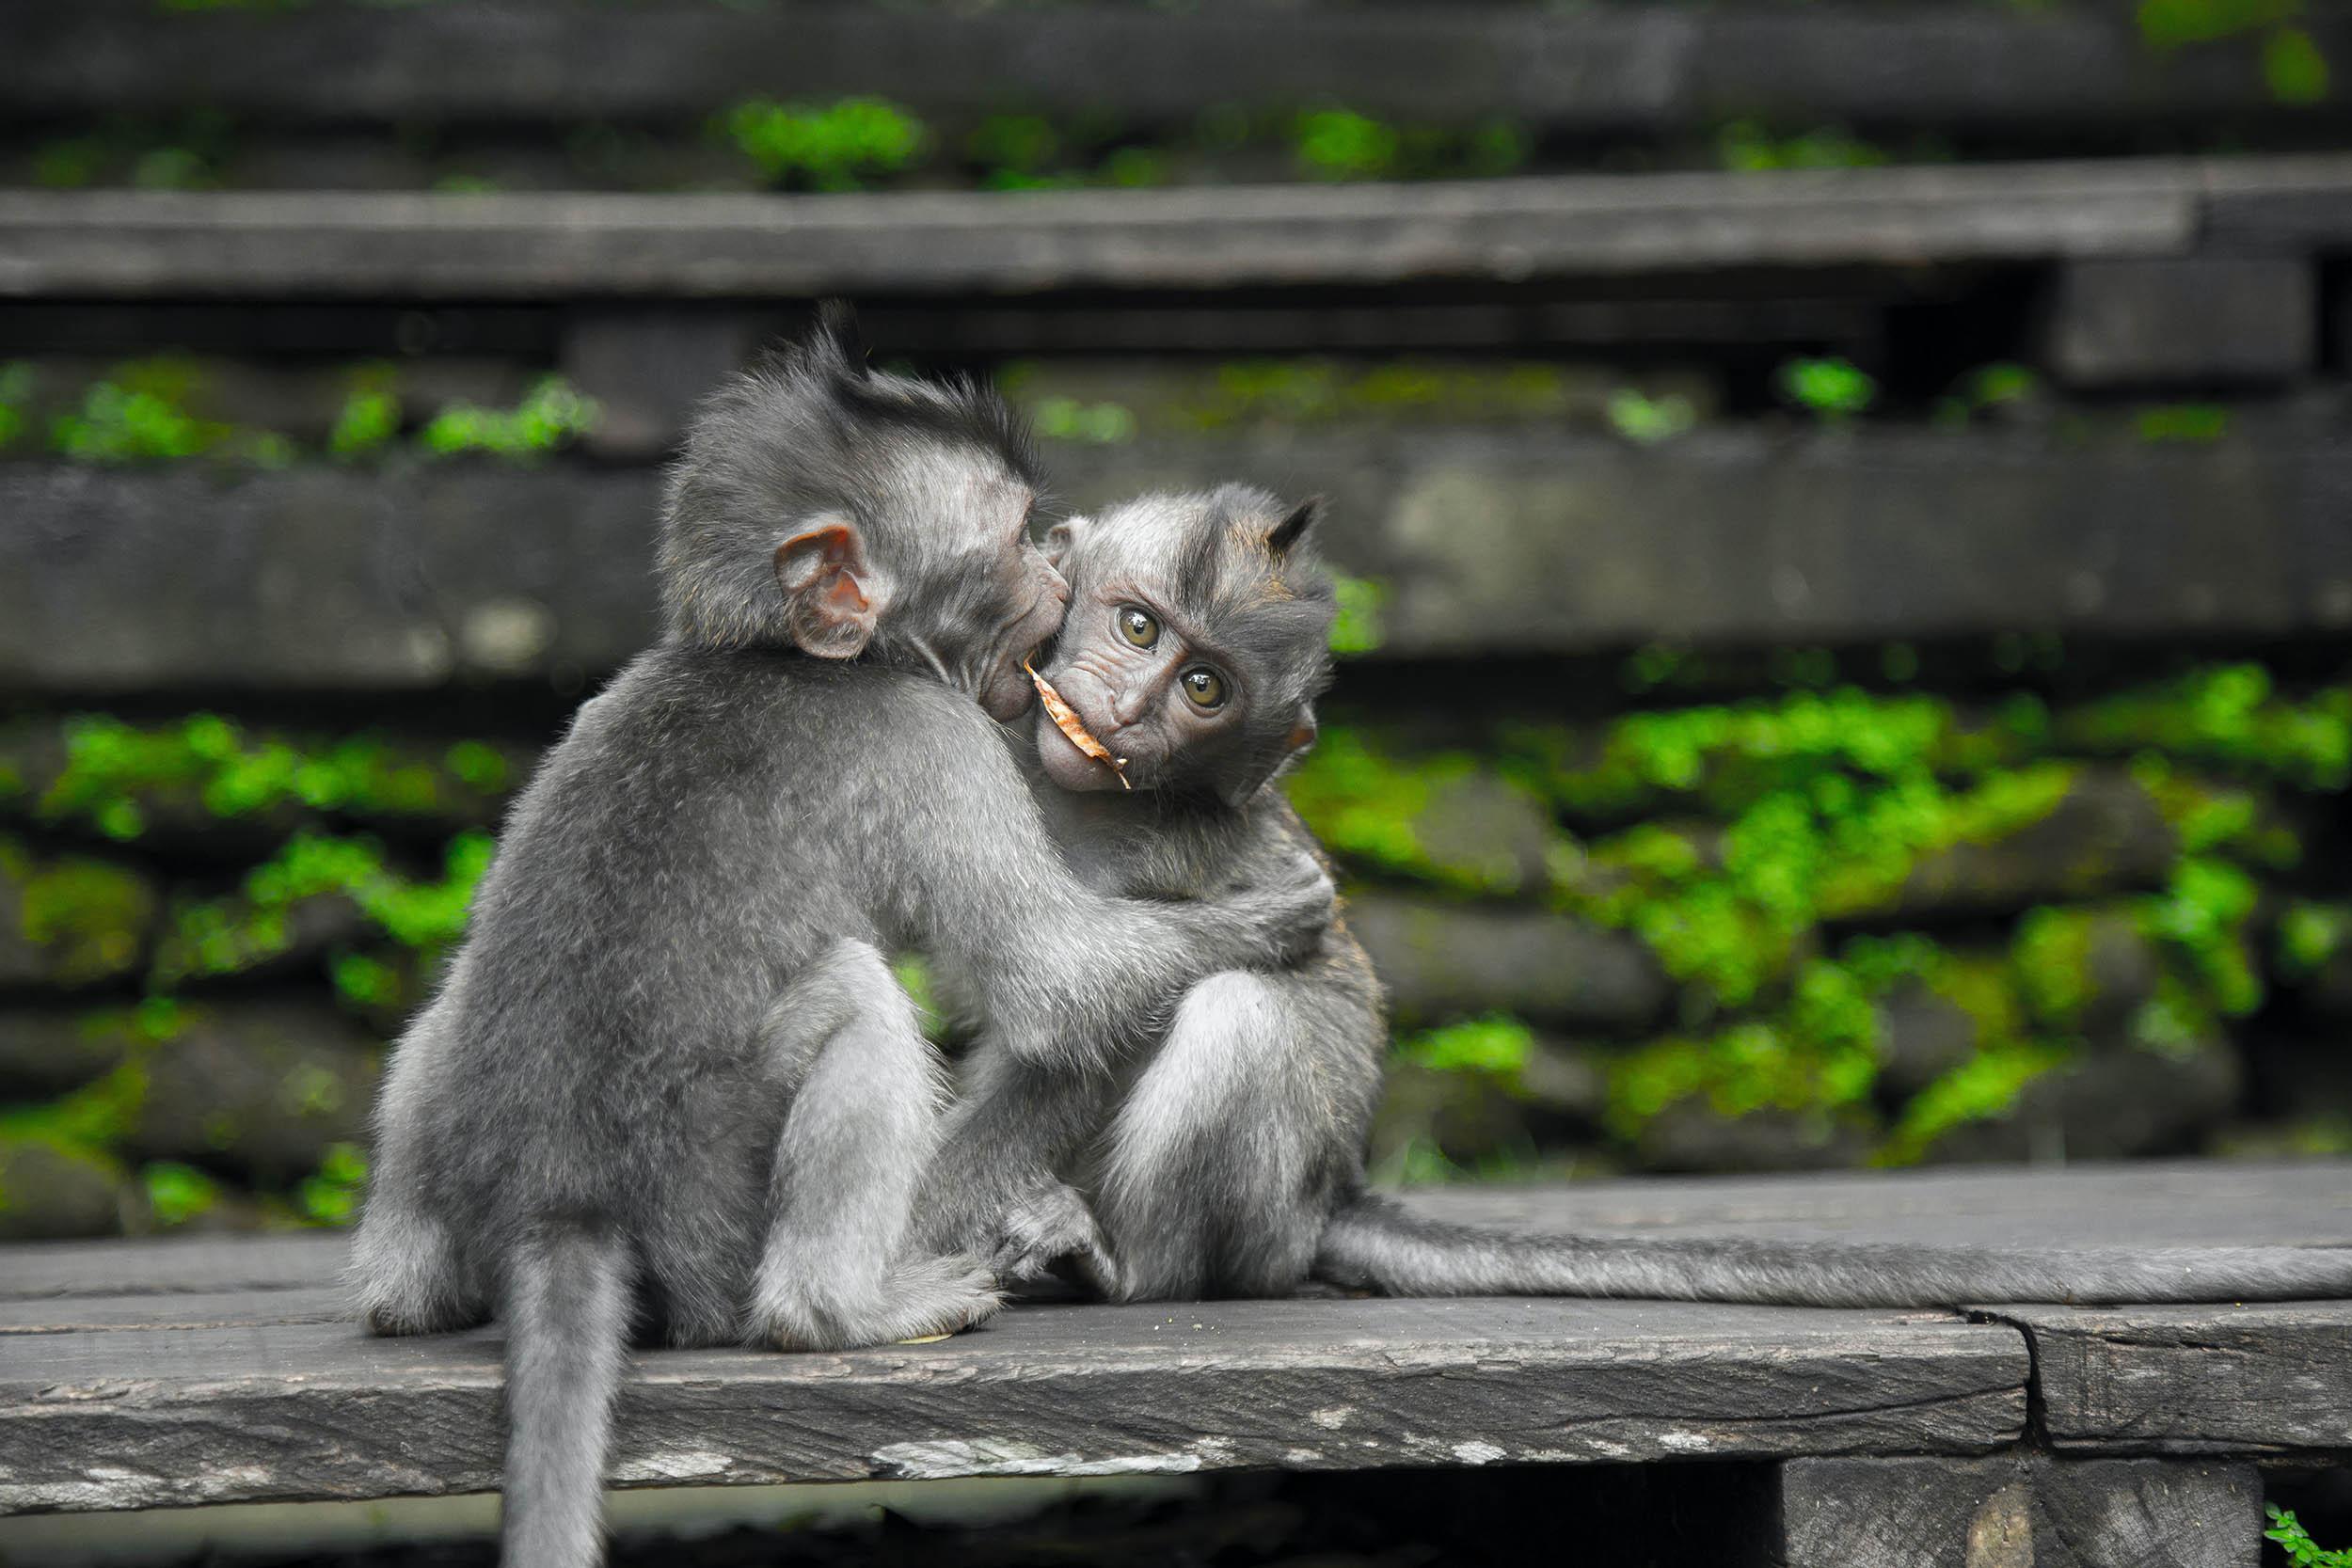 monkey burstmode basics photography Photographing animals in the wild